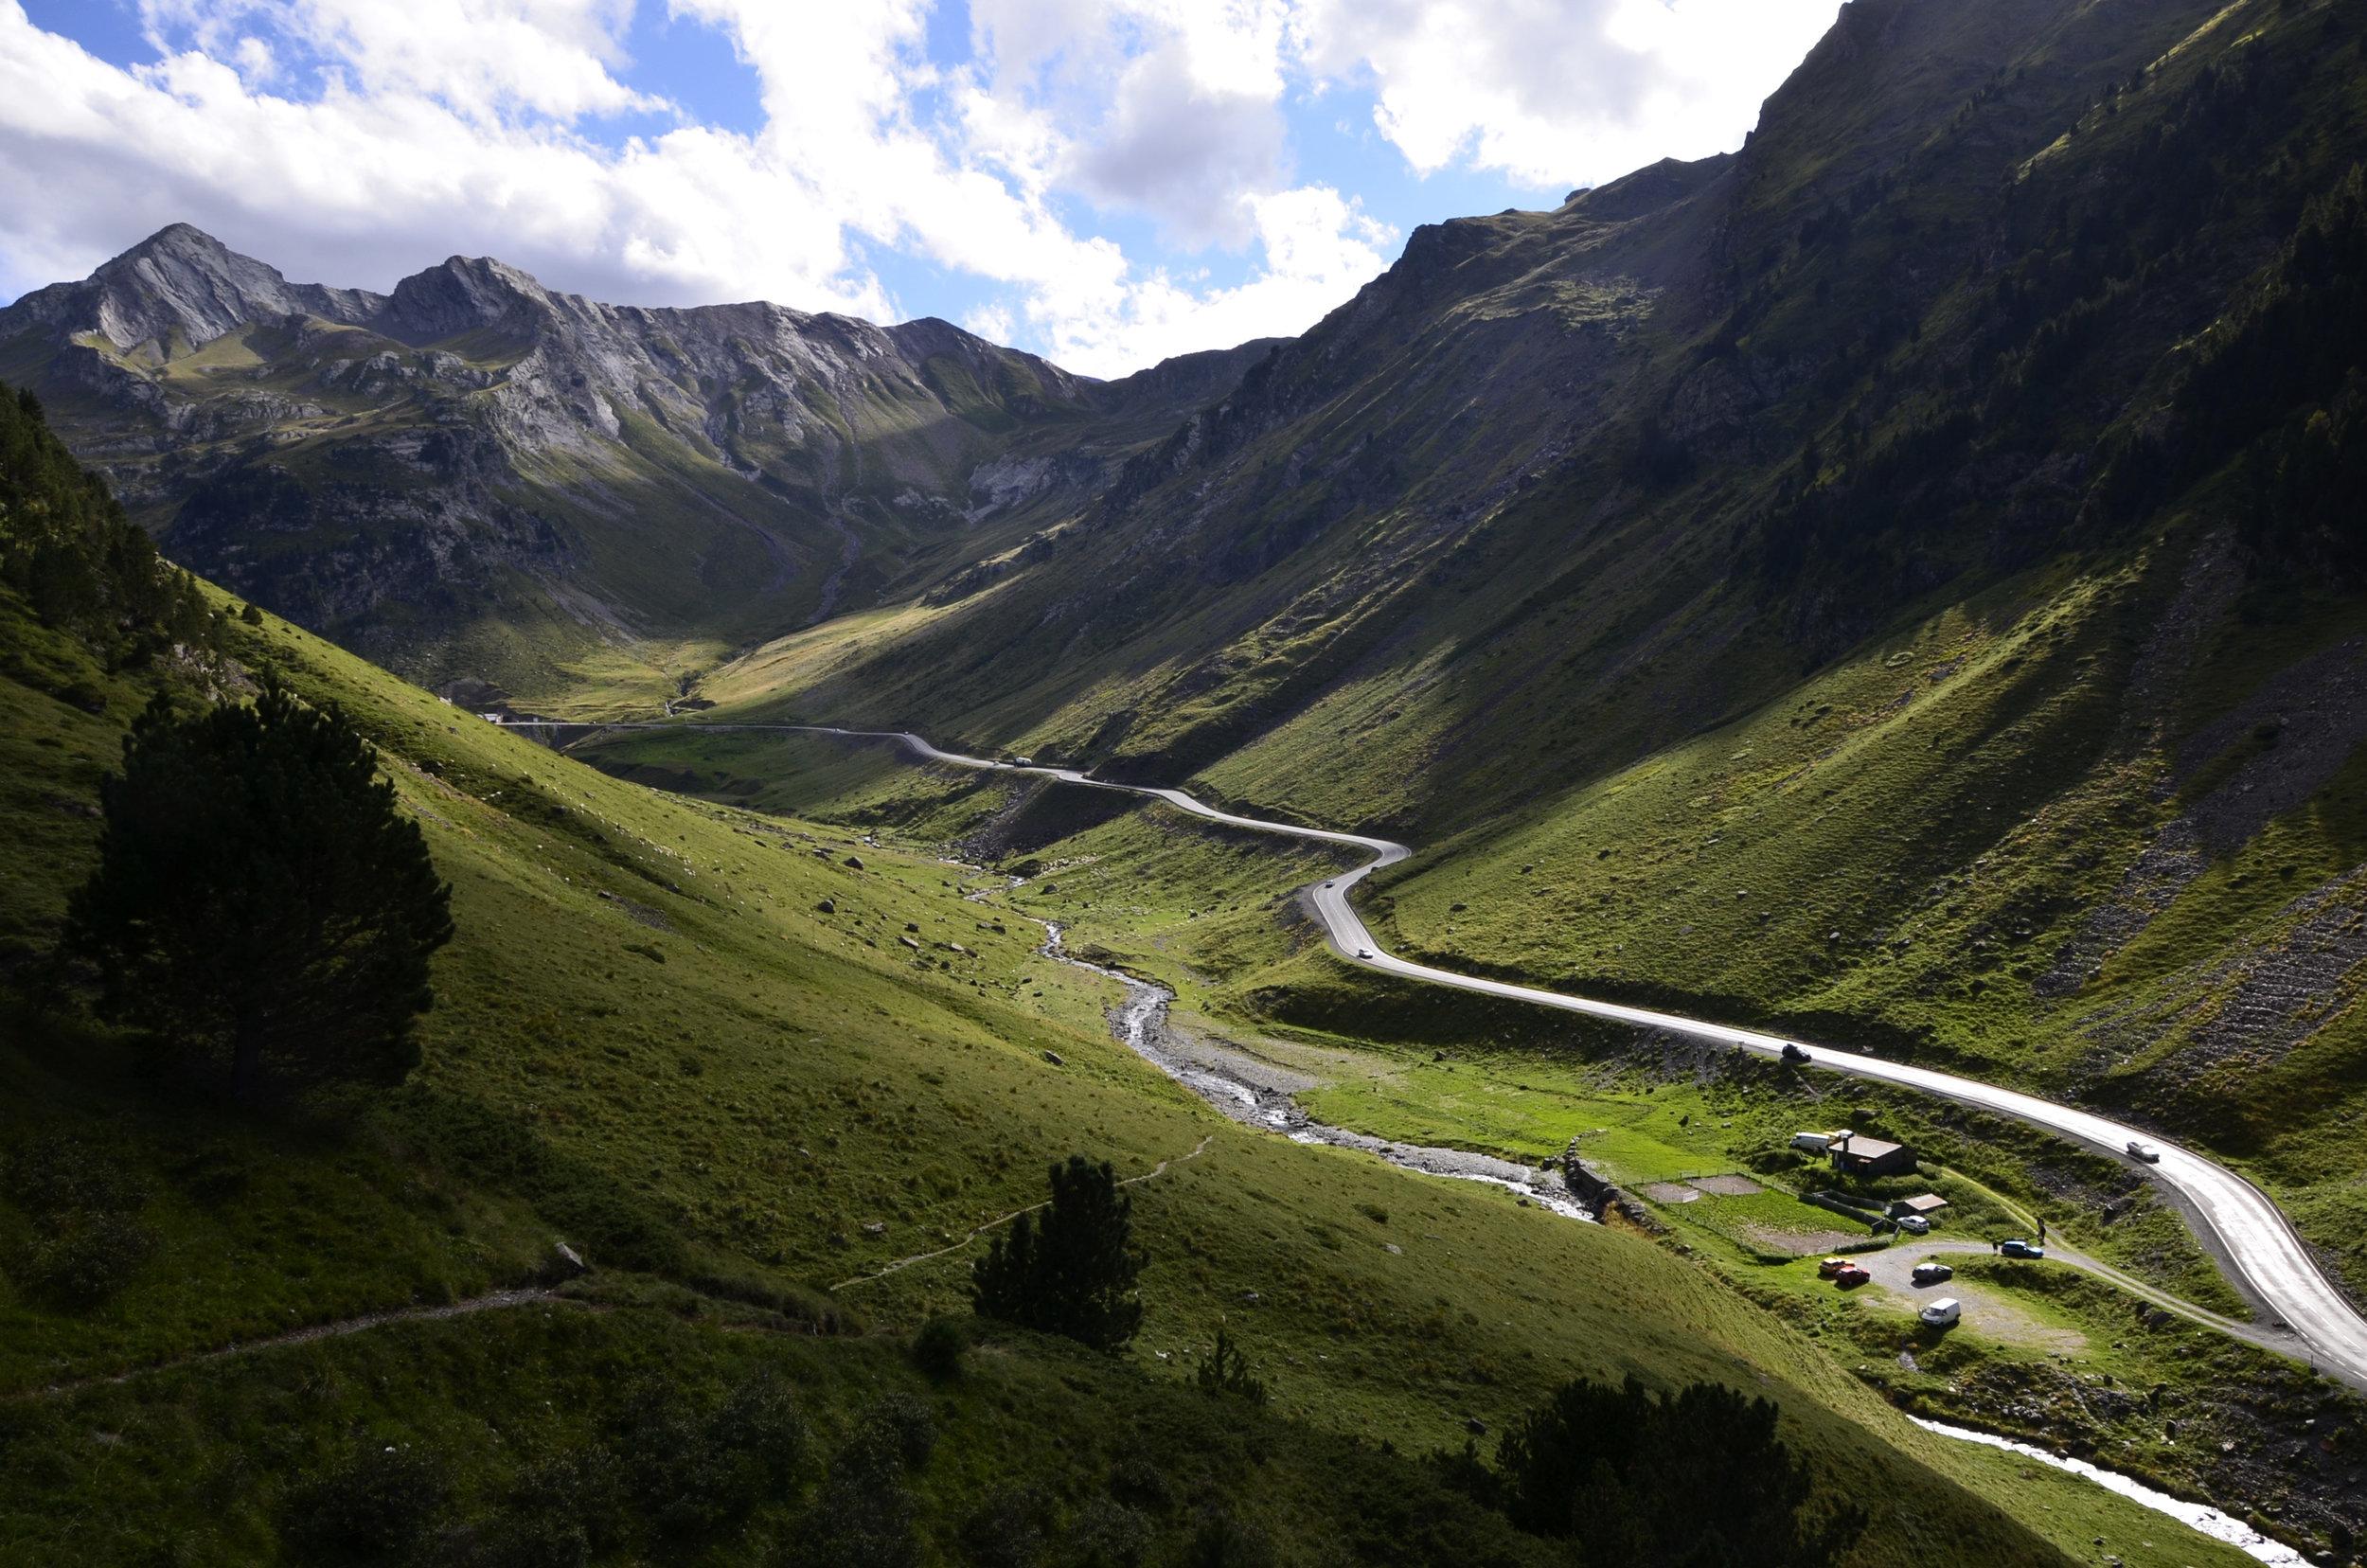 Beget, Pyrenees, Spain